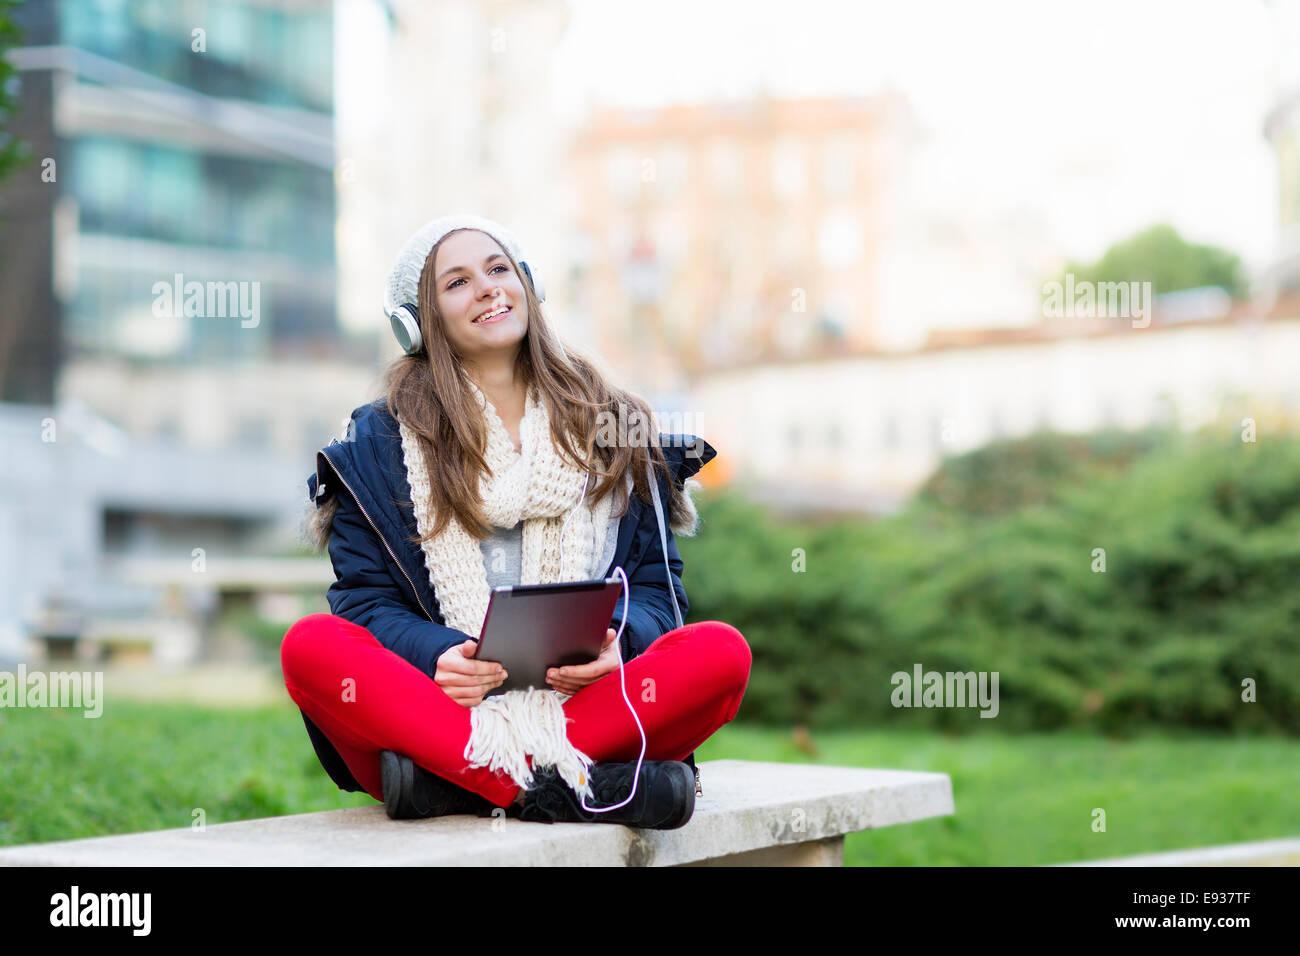 Ritratto di ragazza adolescente ascoltando musica Foto Stock